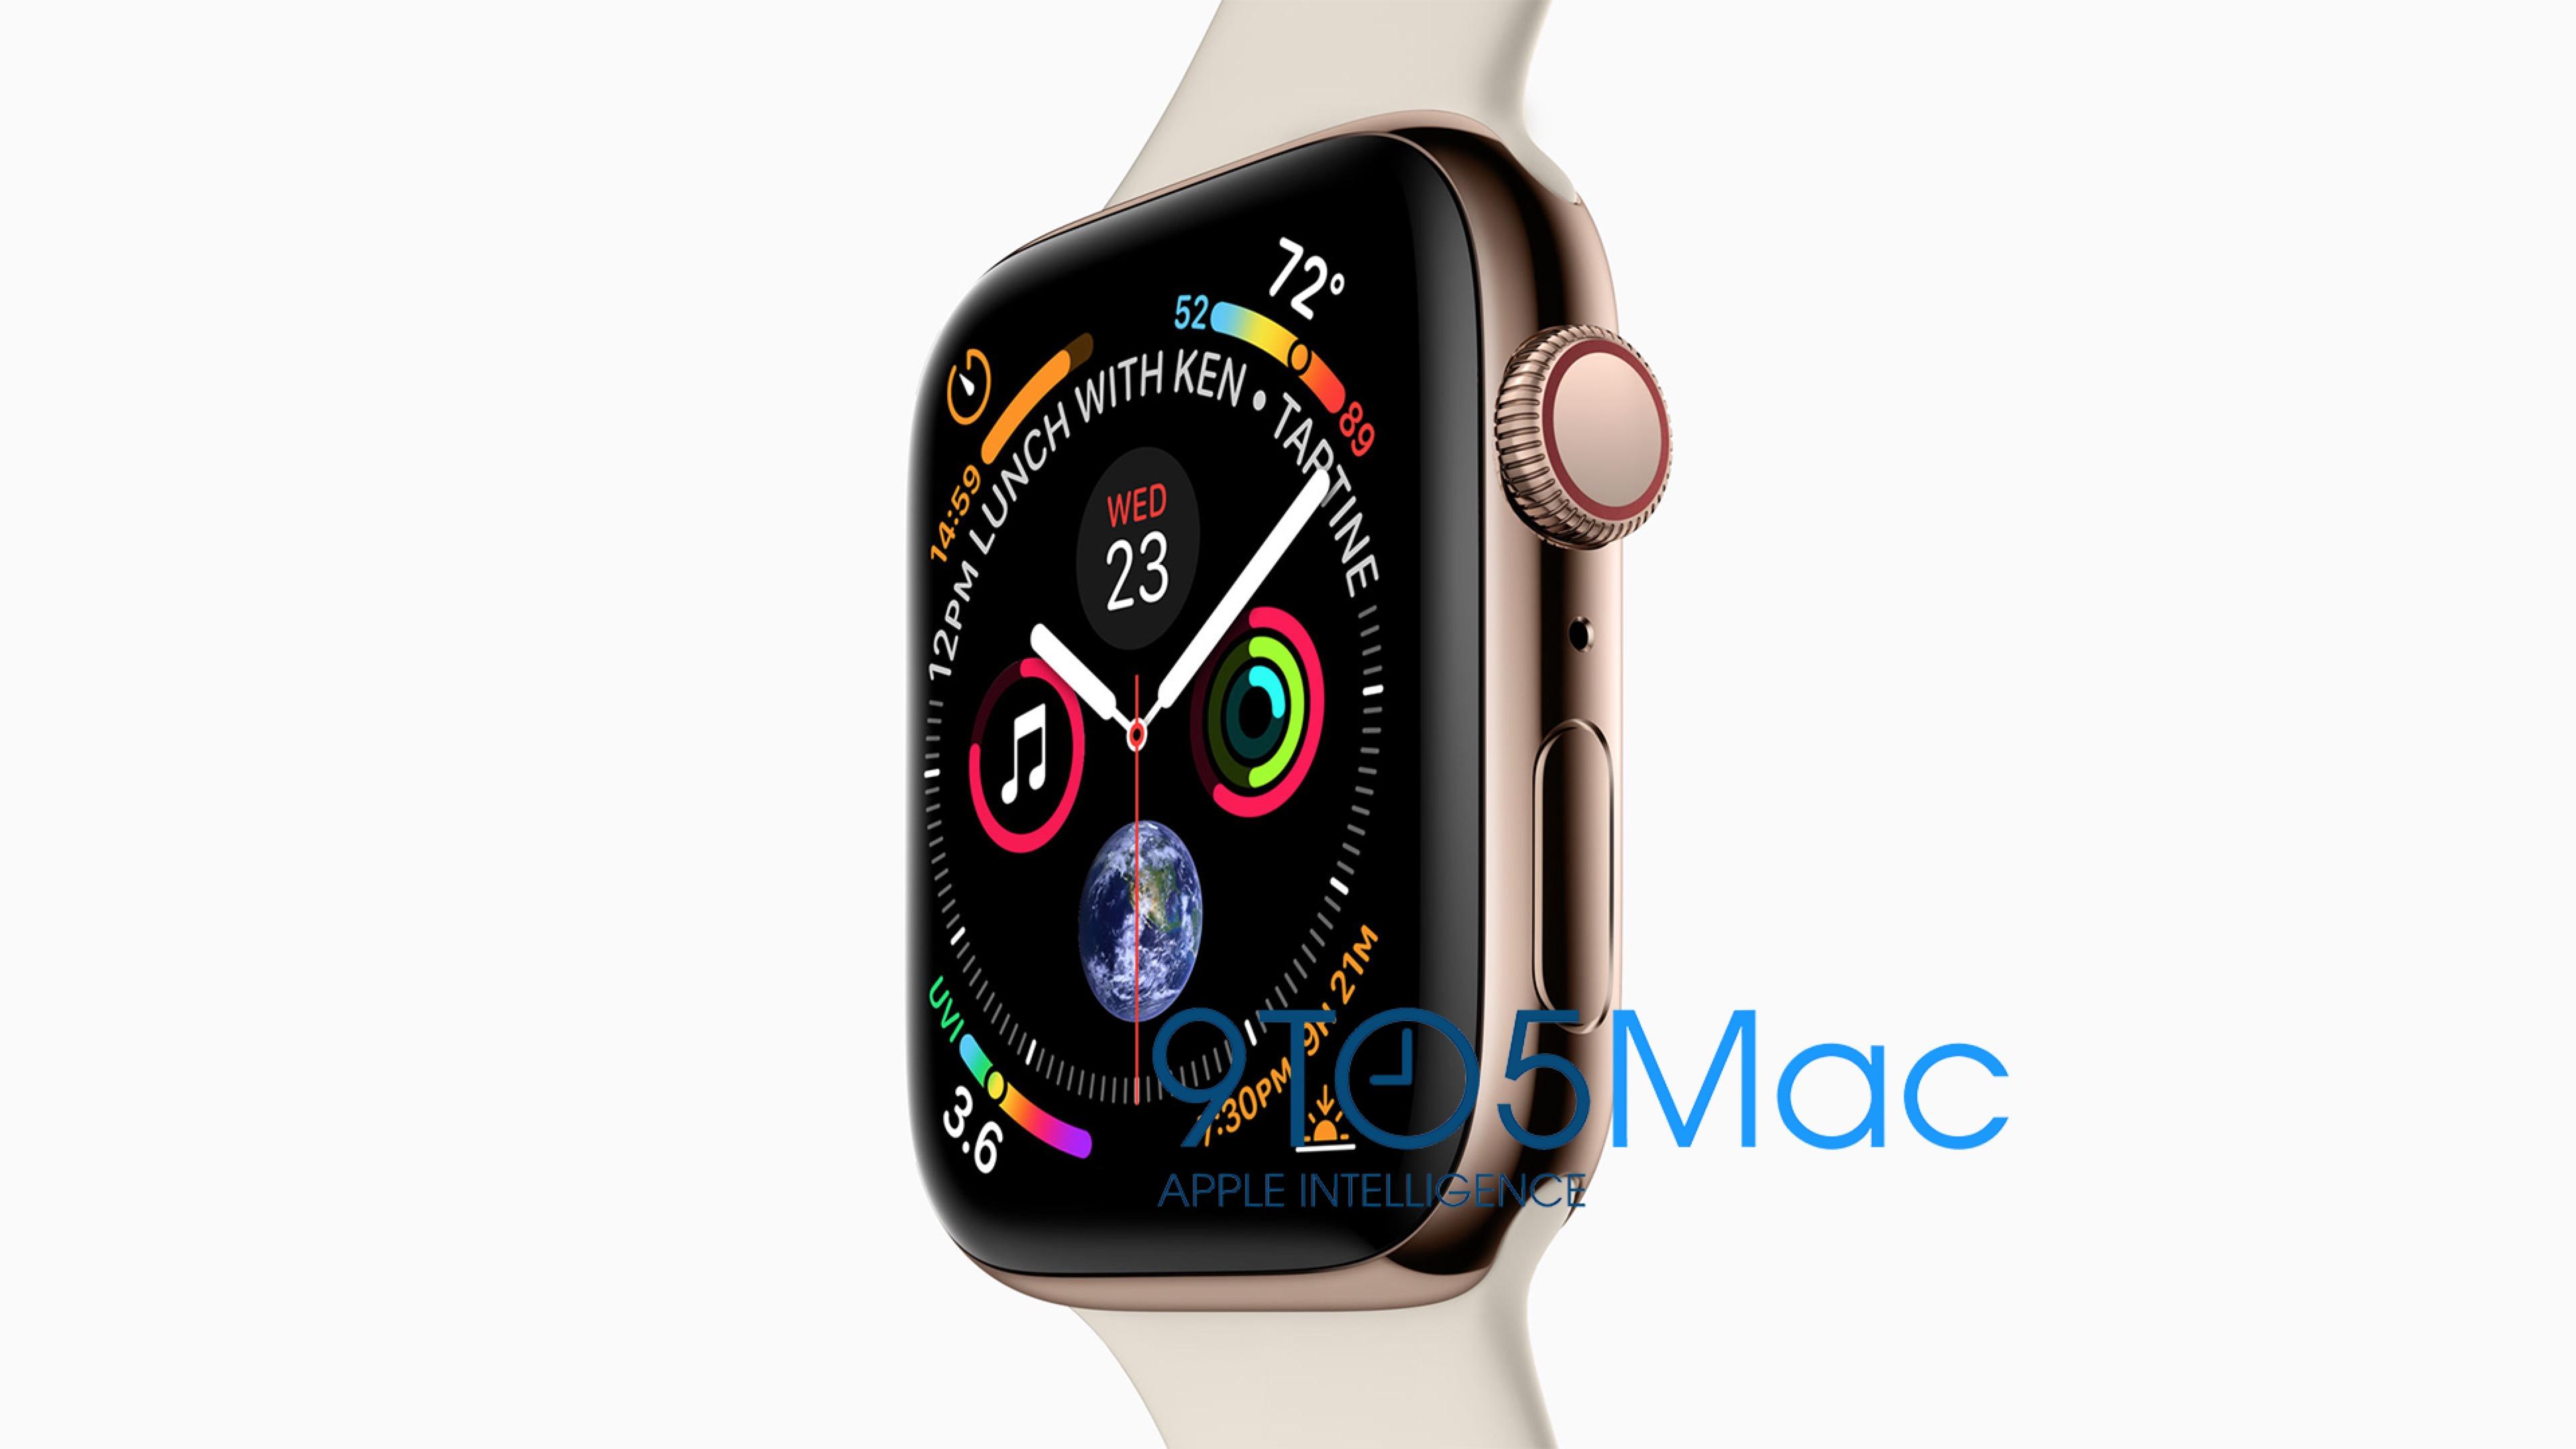 Apple 新品发布会日期敲定:9月12日 1